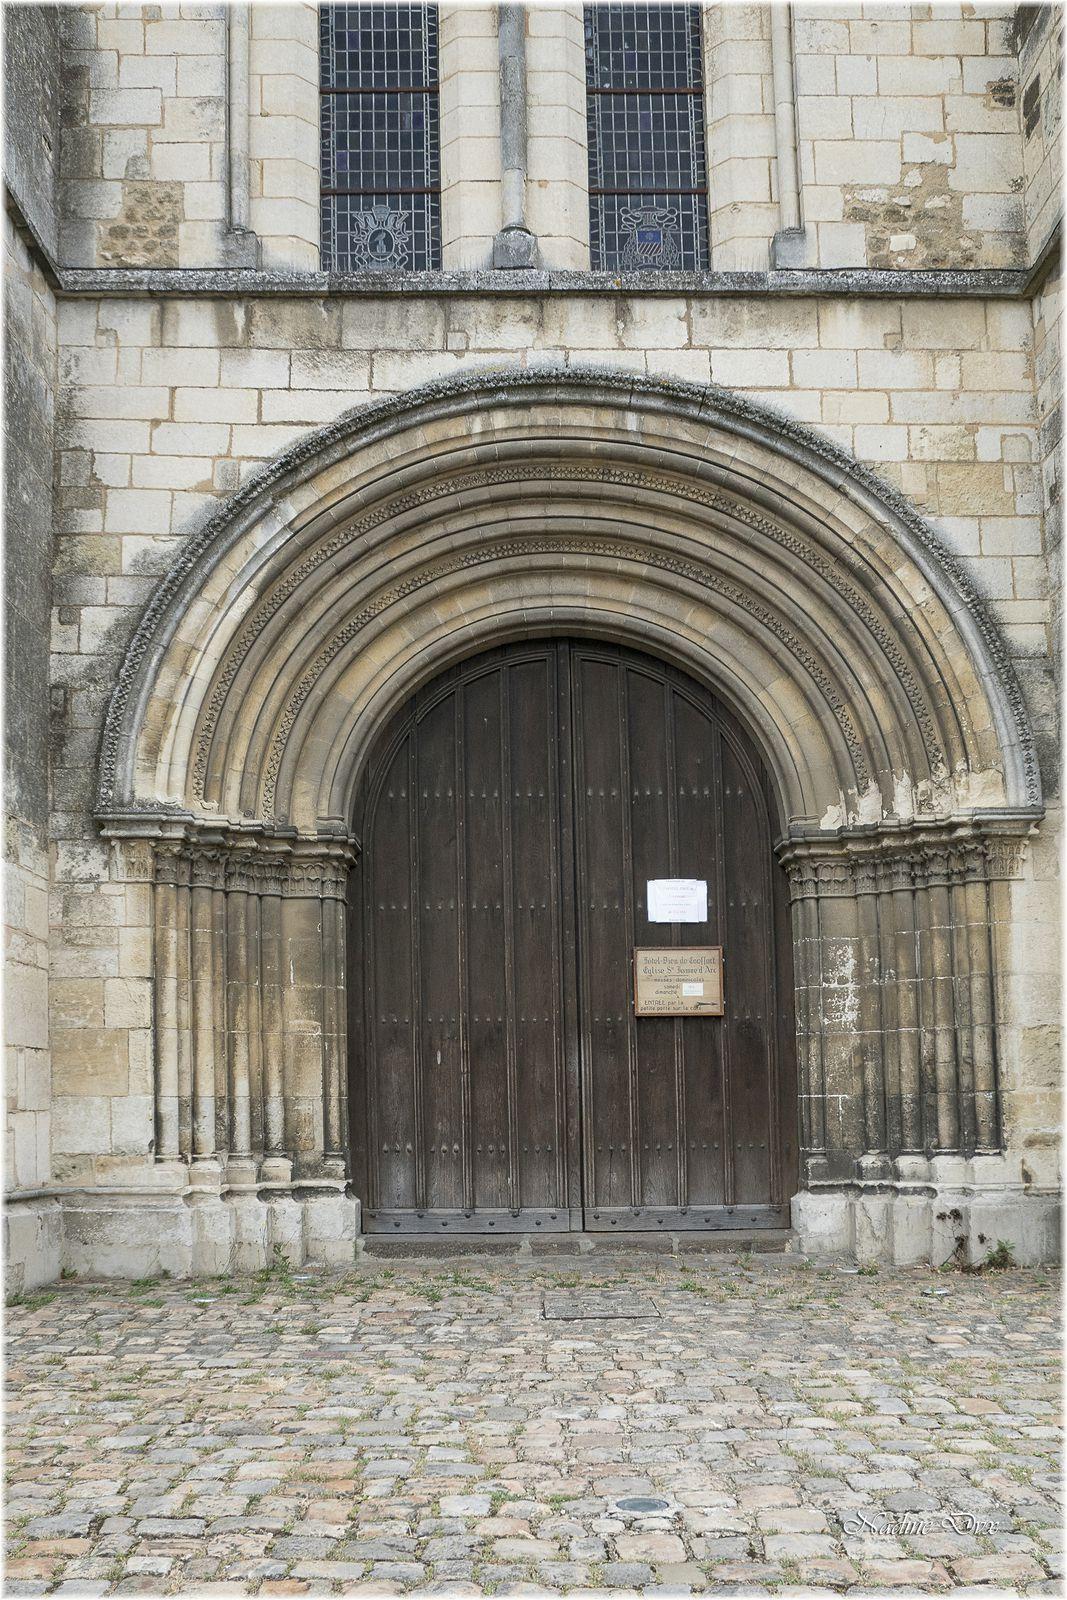 L'église Sainte Jeanne d'Arc ou l'hôtel-Dieu de Coëffort - Le Mans